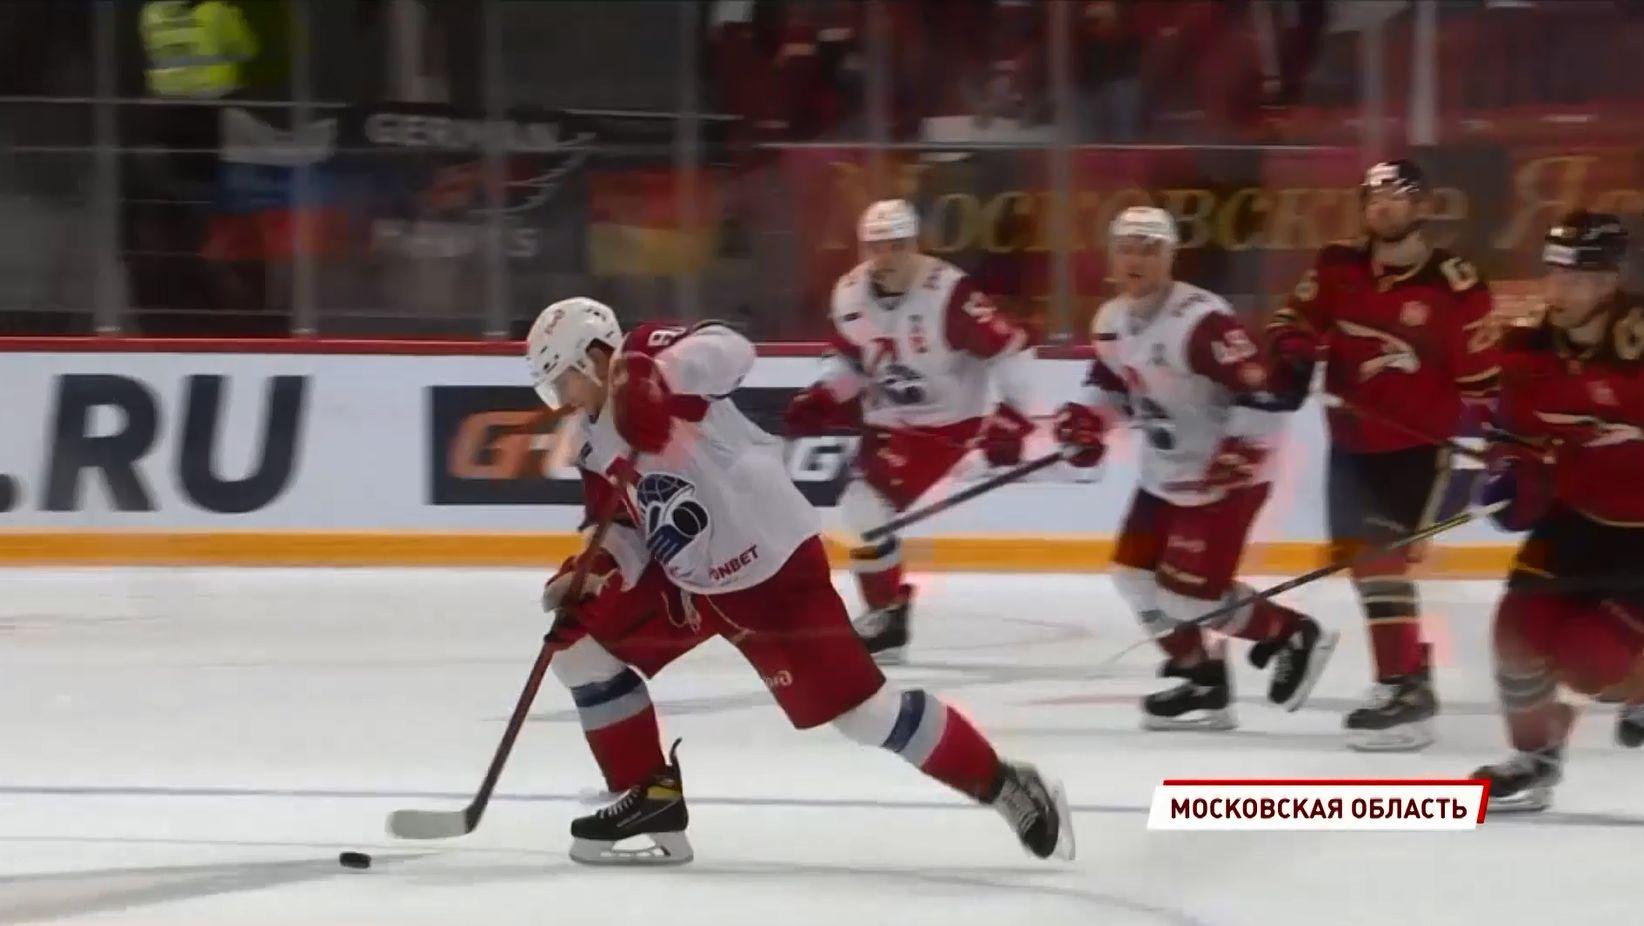 Ярославский «Локомотив» на выезде обыграл «Авангард», прервав серию из трех поражений